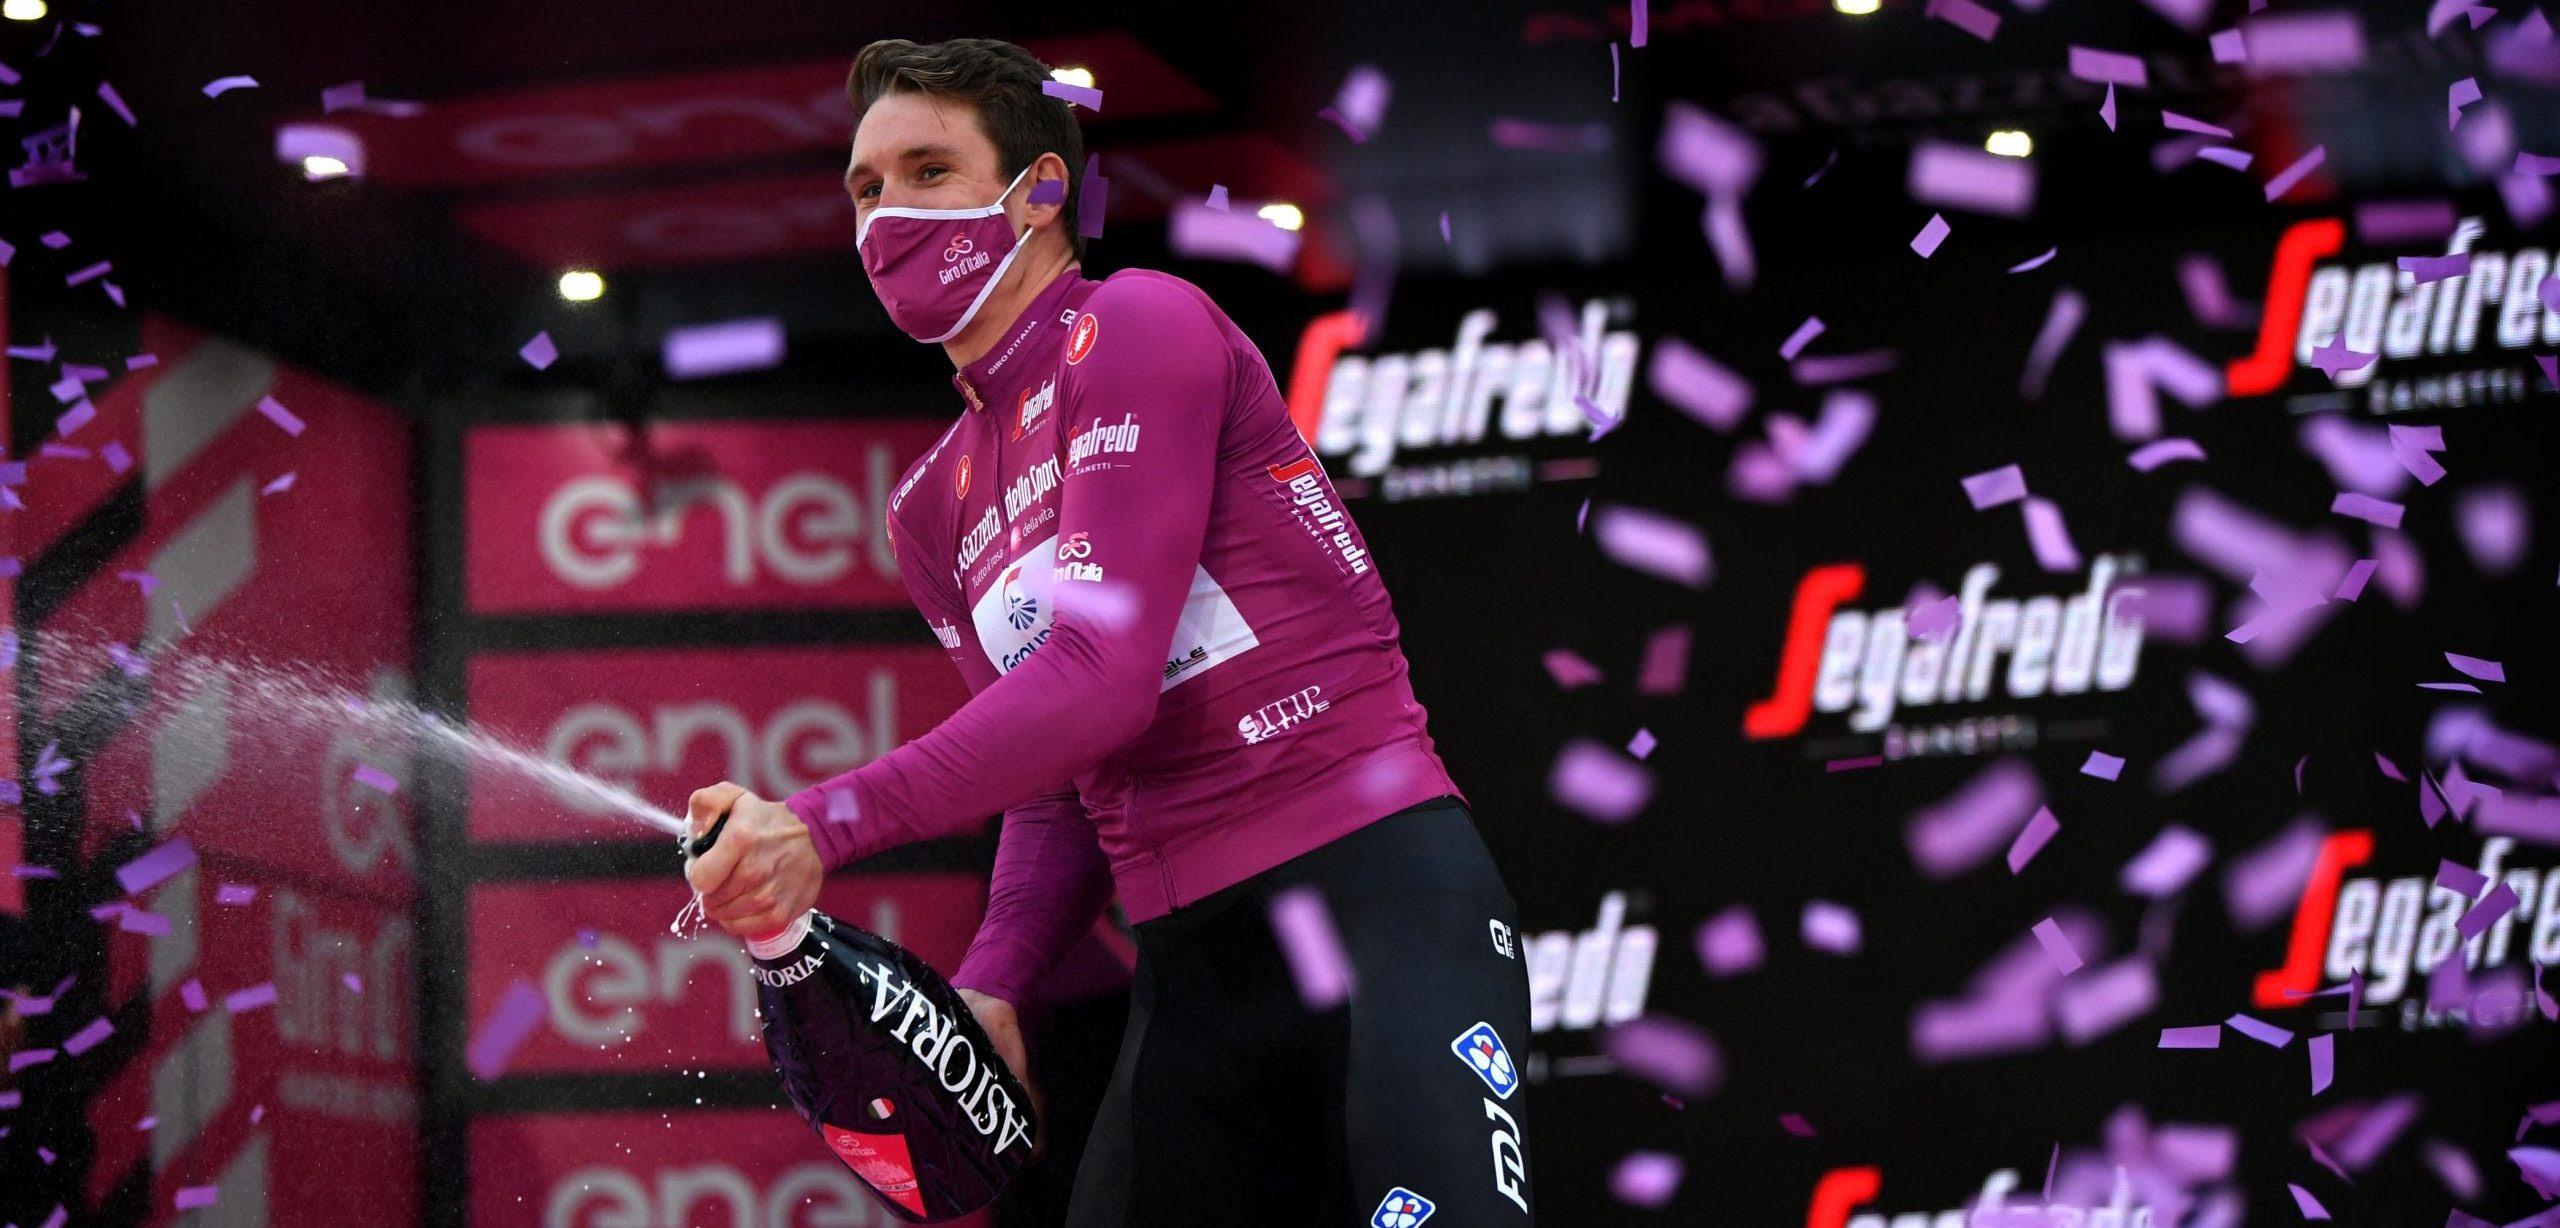 Giro 2021: Voorbeschouwing favorieten puntenklassement